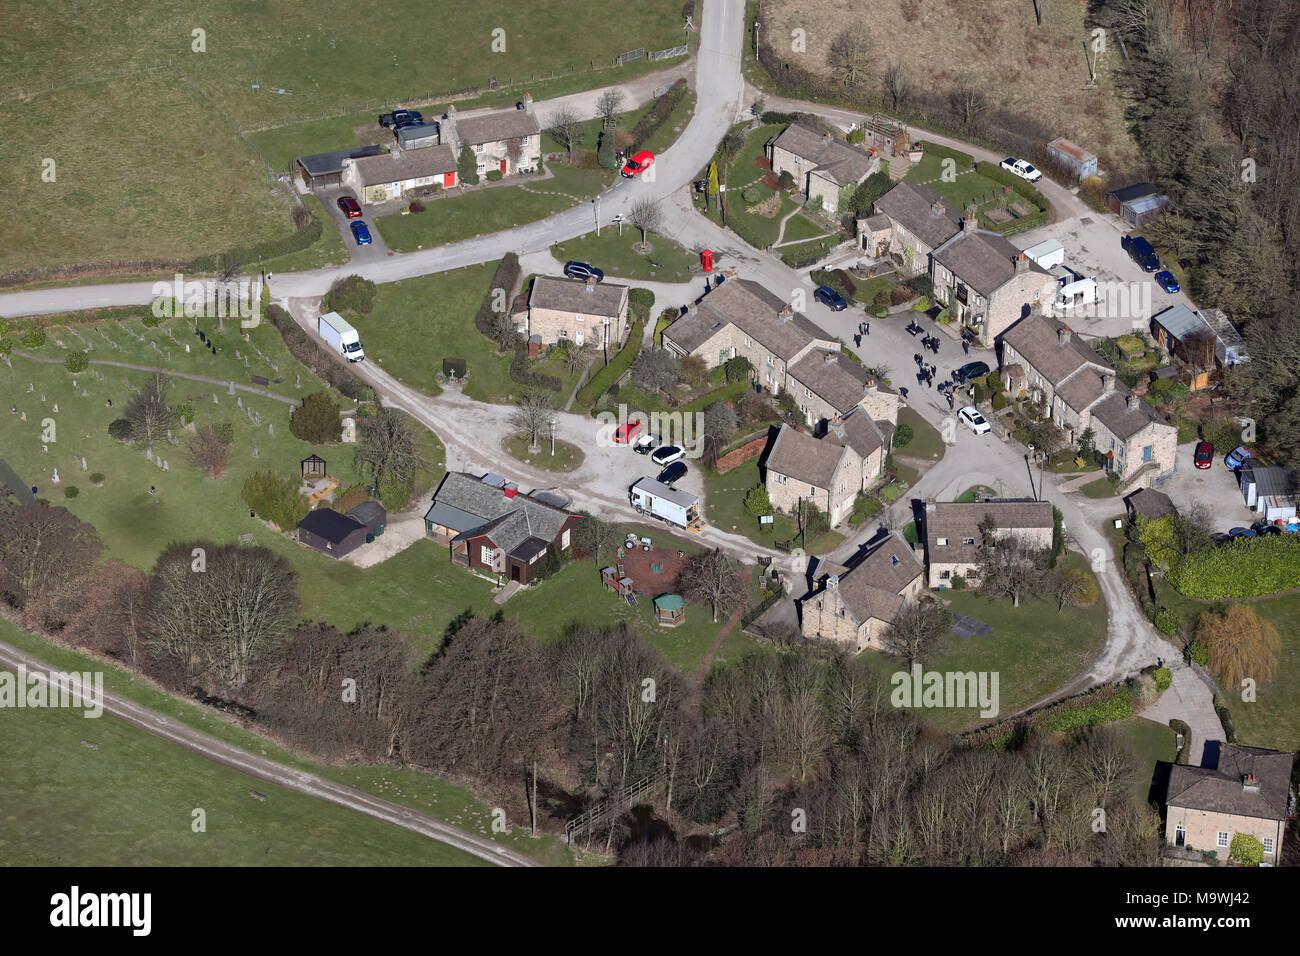 Luftaufnahme der Emmerdale TV Lage. Stockbild